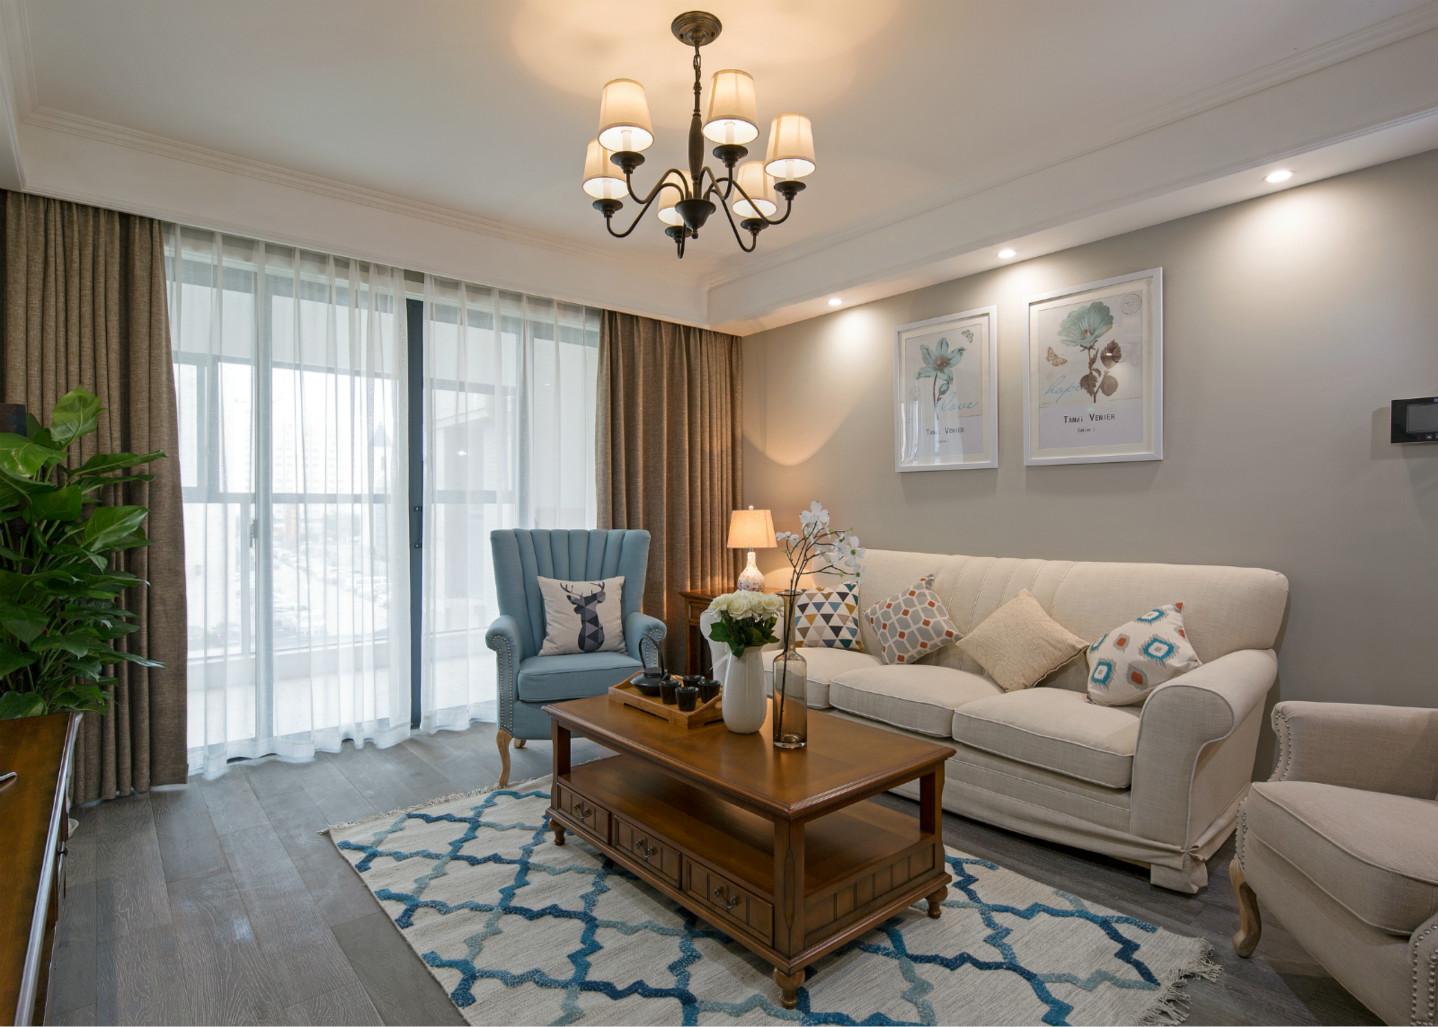 墙面、布艺沙发、窗帘、地毯均使用浅色系,给房子增加了些许干净与大气。